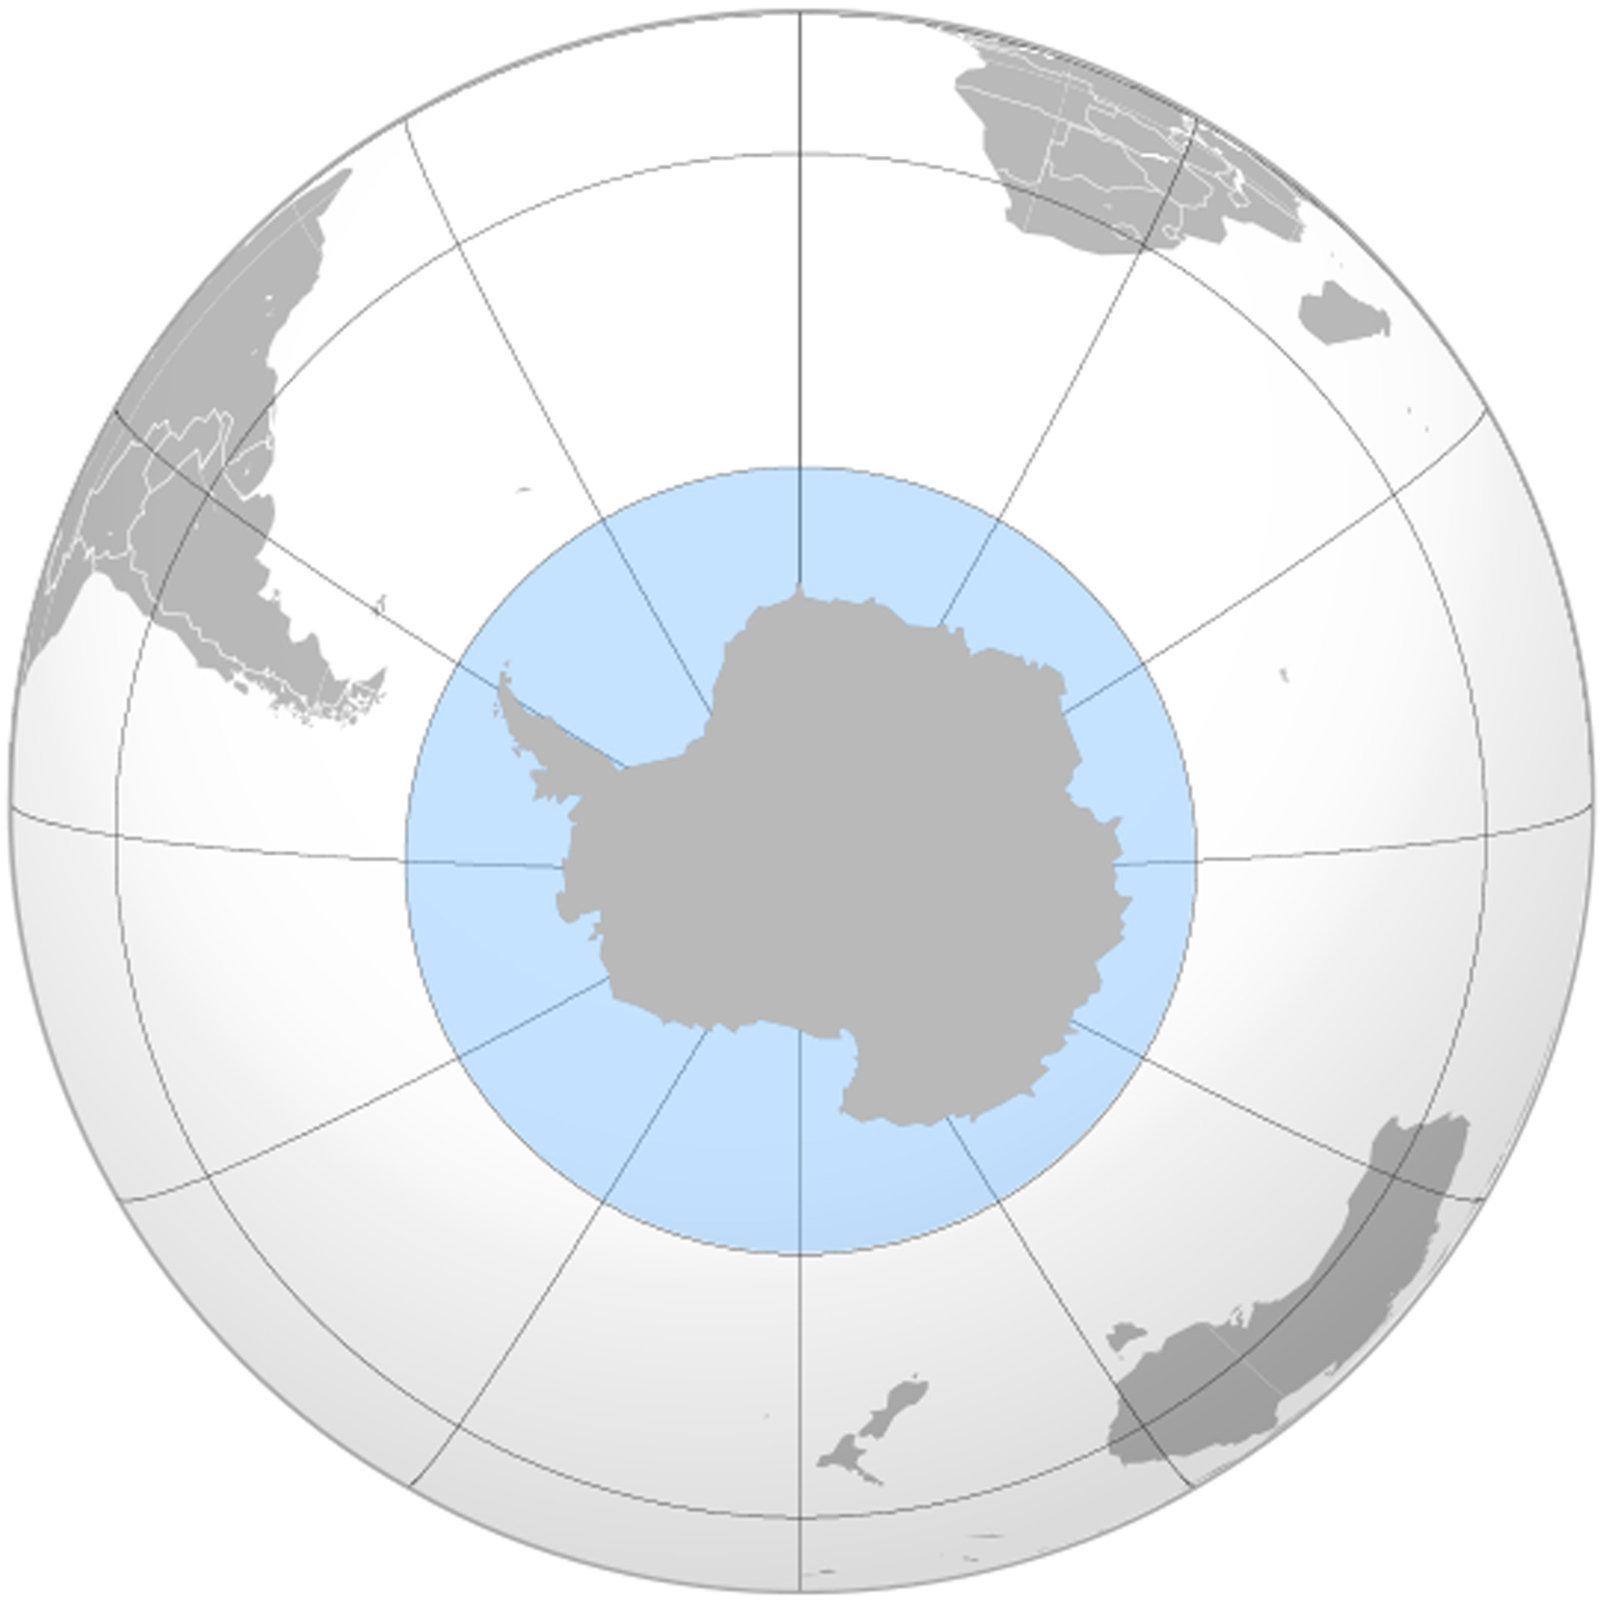 По площади океан занимает четвертое